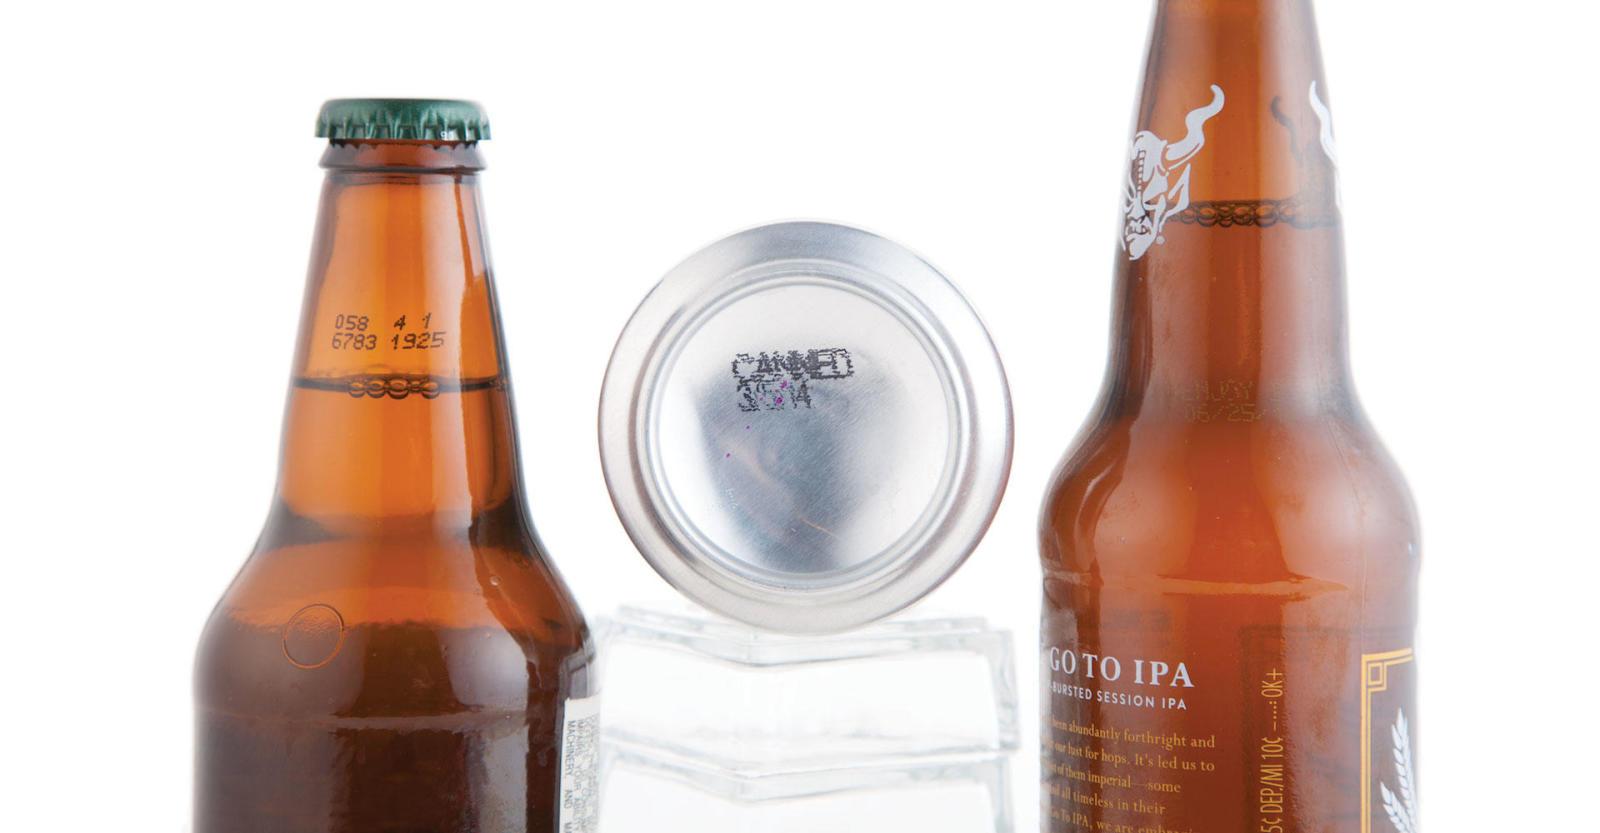 sierra nevada bottle dating